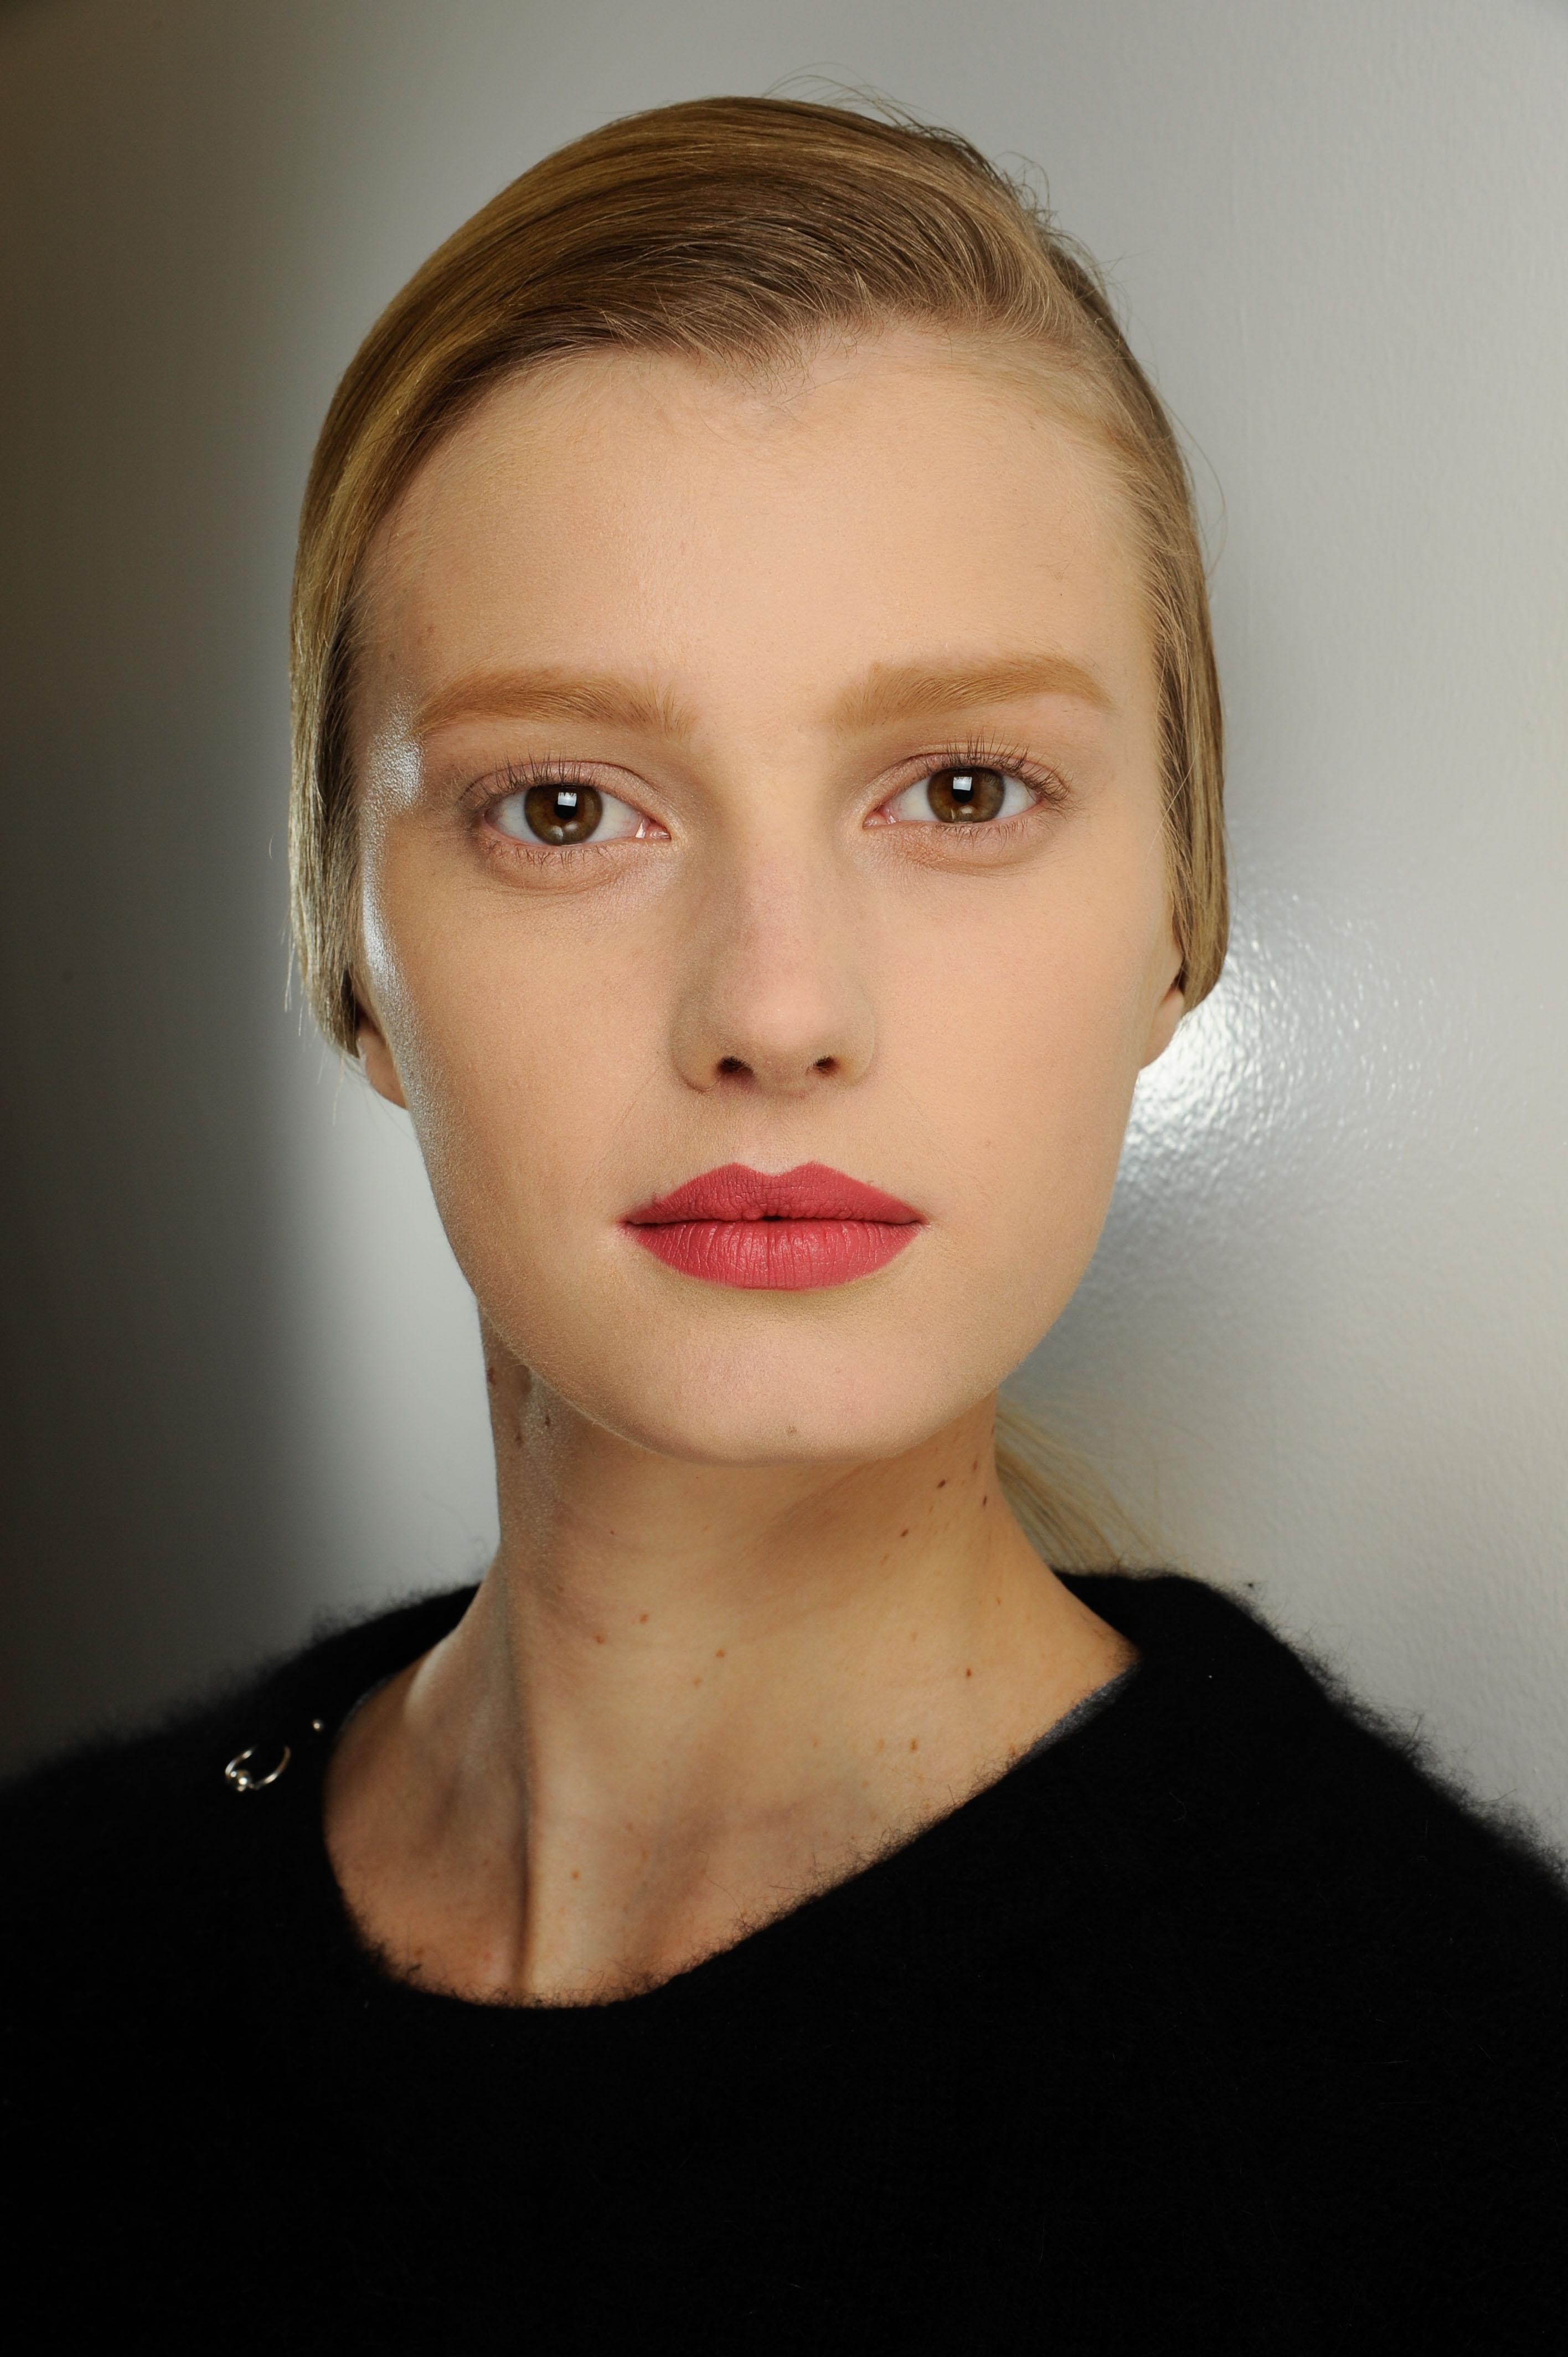 Pixelformula Jil Sander winter 2012 - 2013ready to wear Milano Womenswear Beaute Beauty